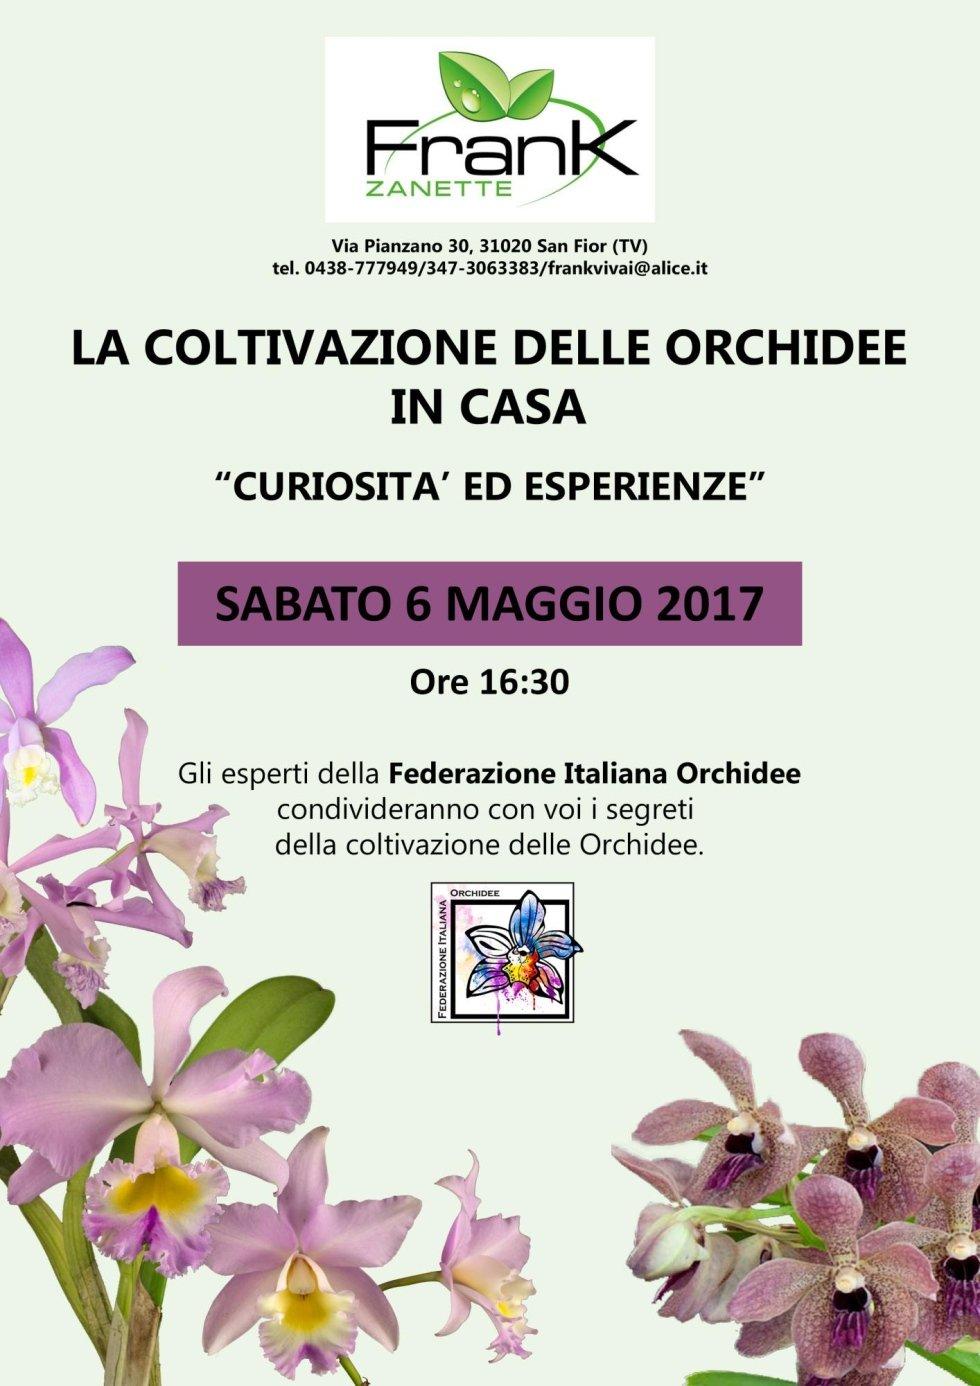 coltivazione delle orchidee in casa